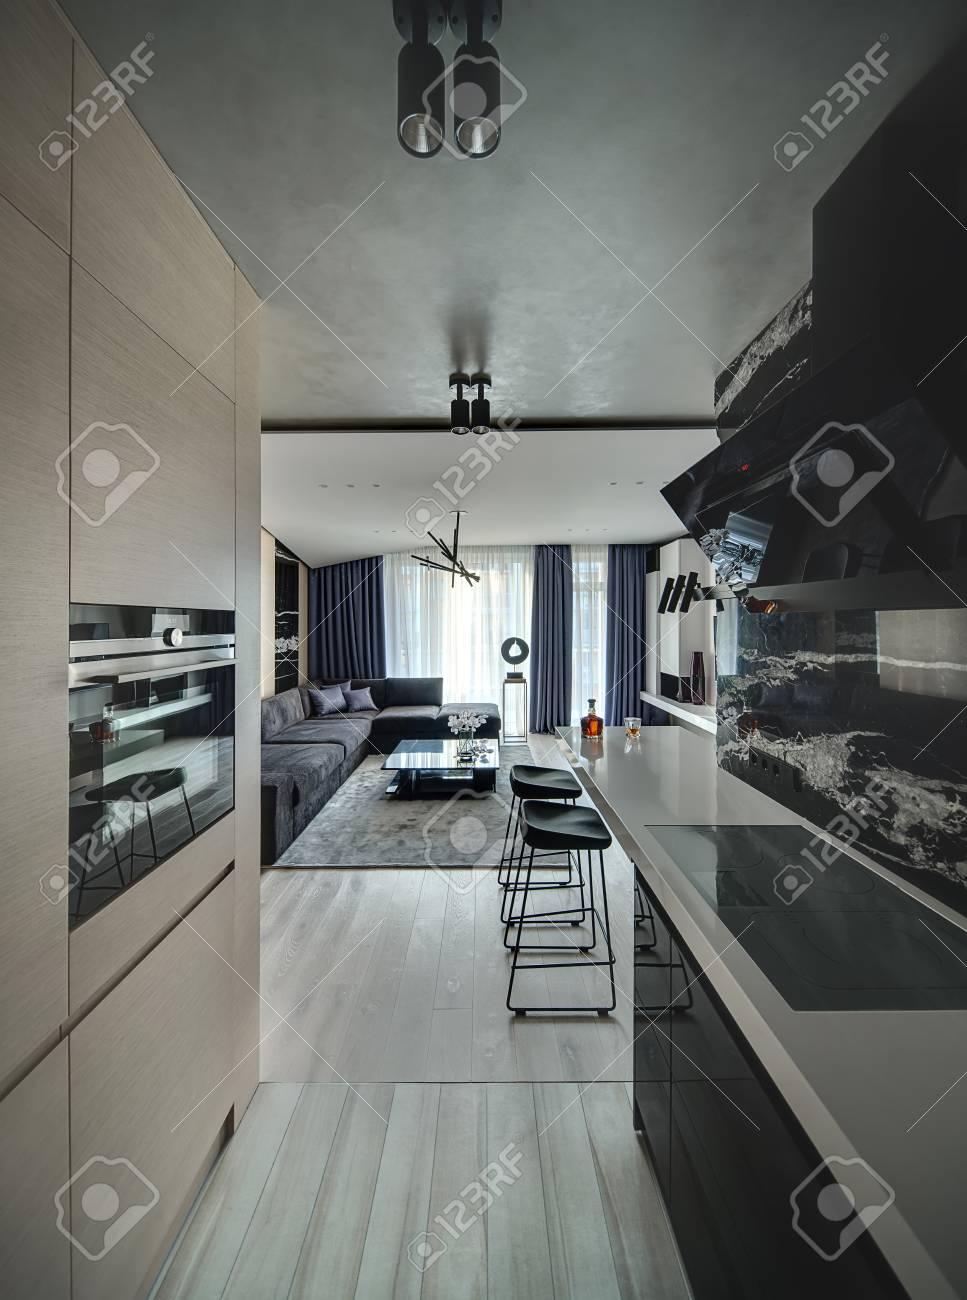 Immagini Stock - Interni In Stile Moderno Con Zona Cucina E Salotto ...